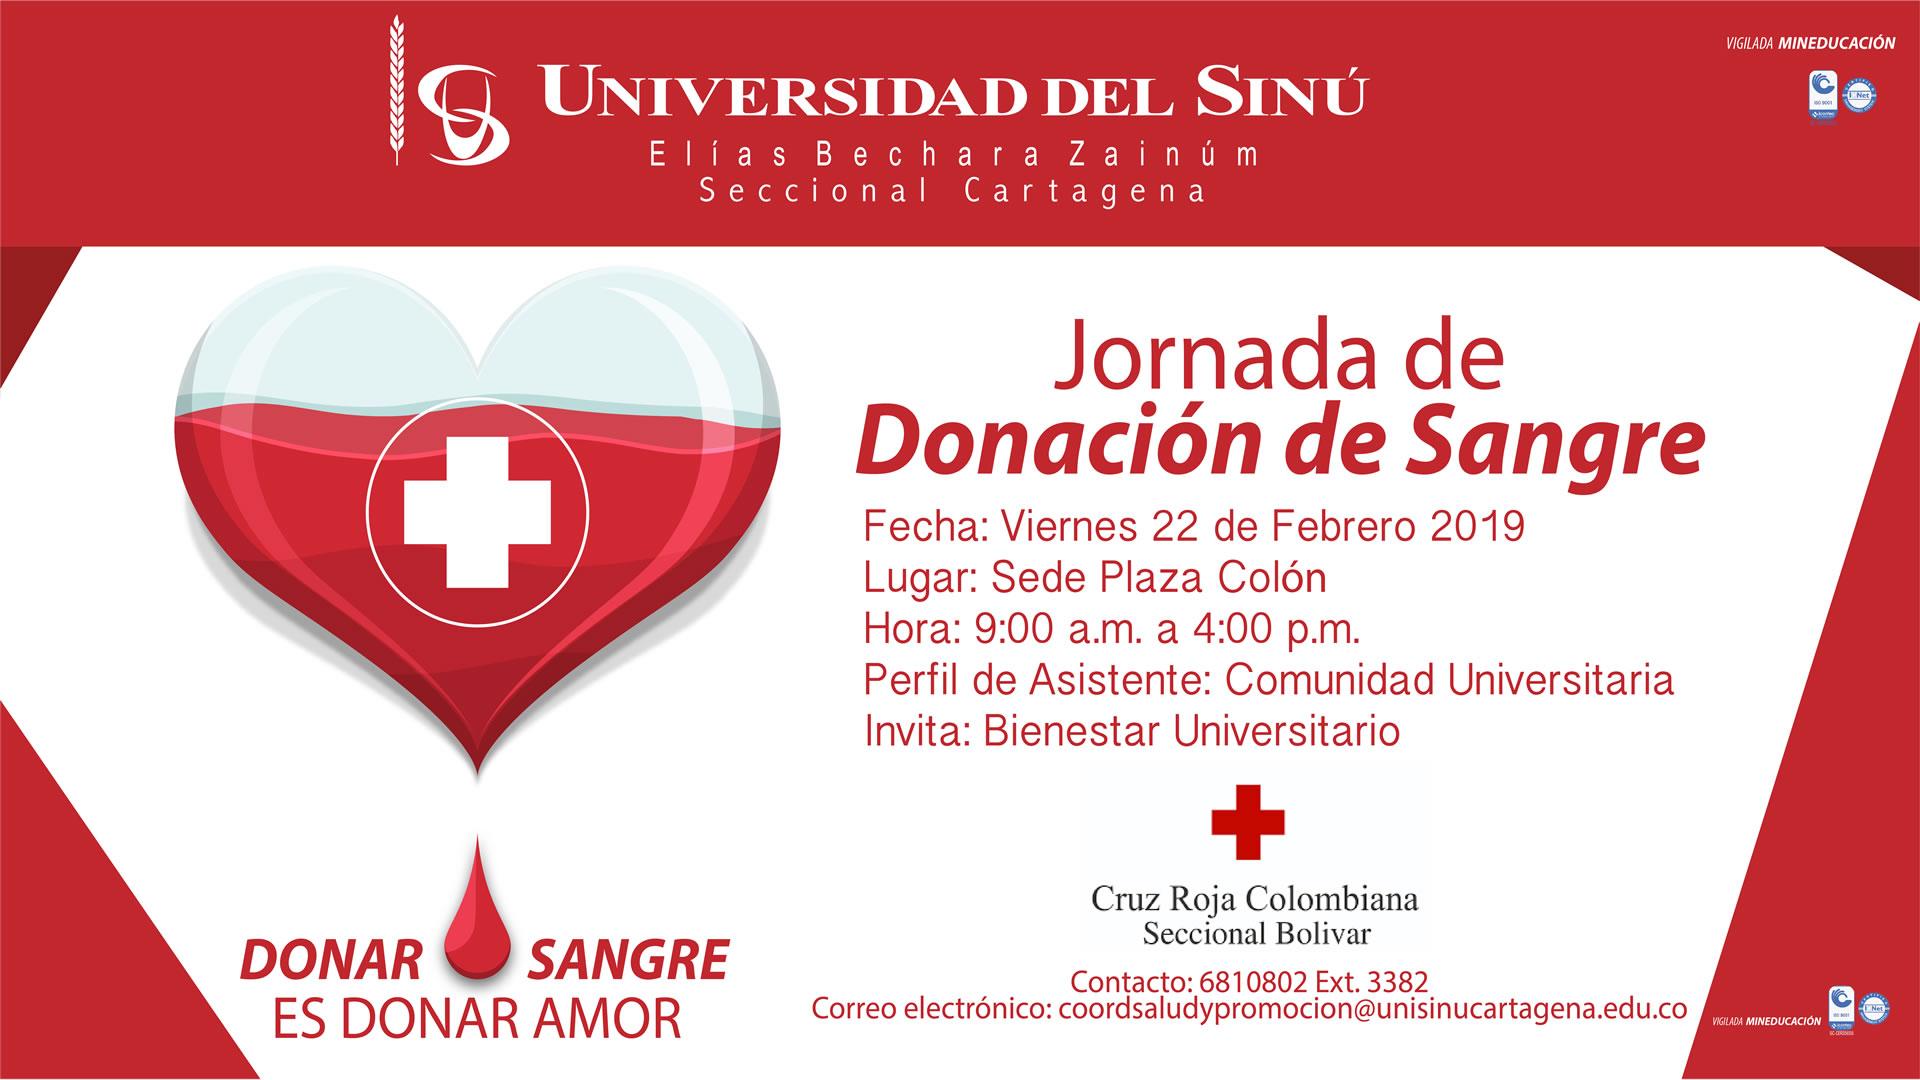 3facdf3062 Events – Universidad del Sinú Seccional Cartagena